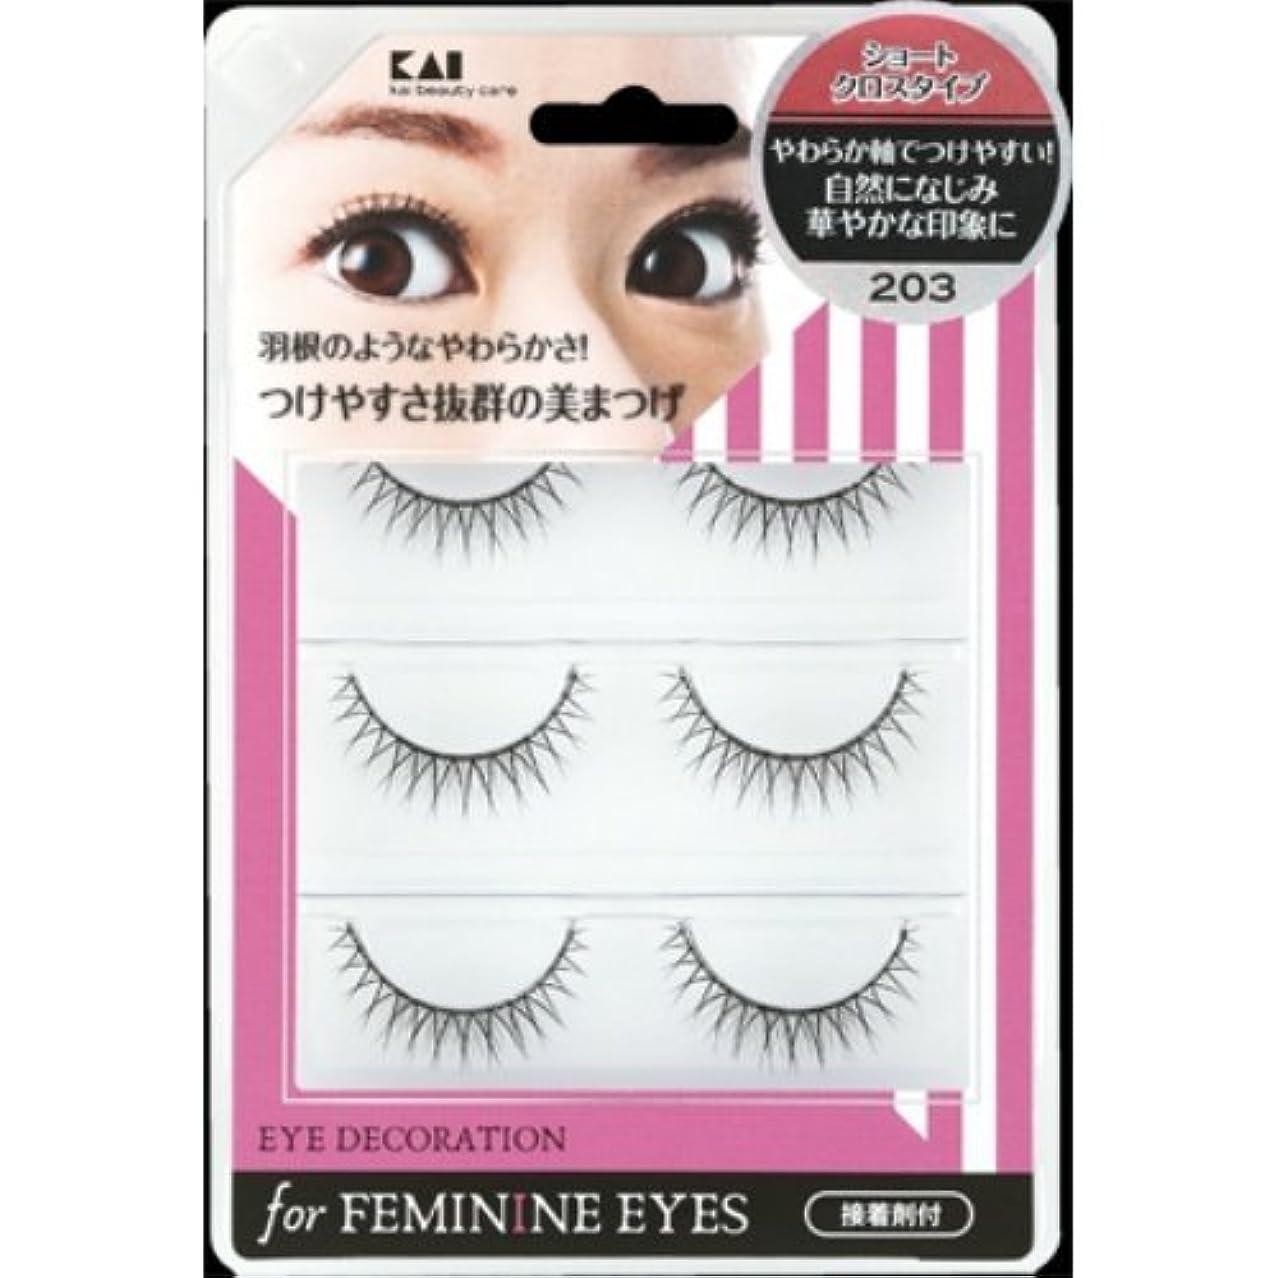 行列静める悪党貝印 アイデコレーション for feminine eyes 203 HC1560